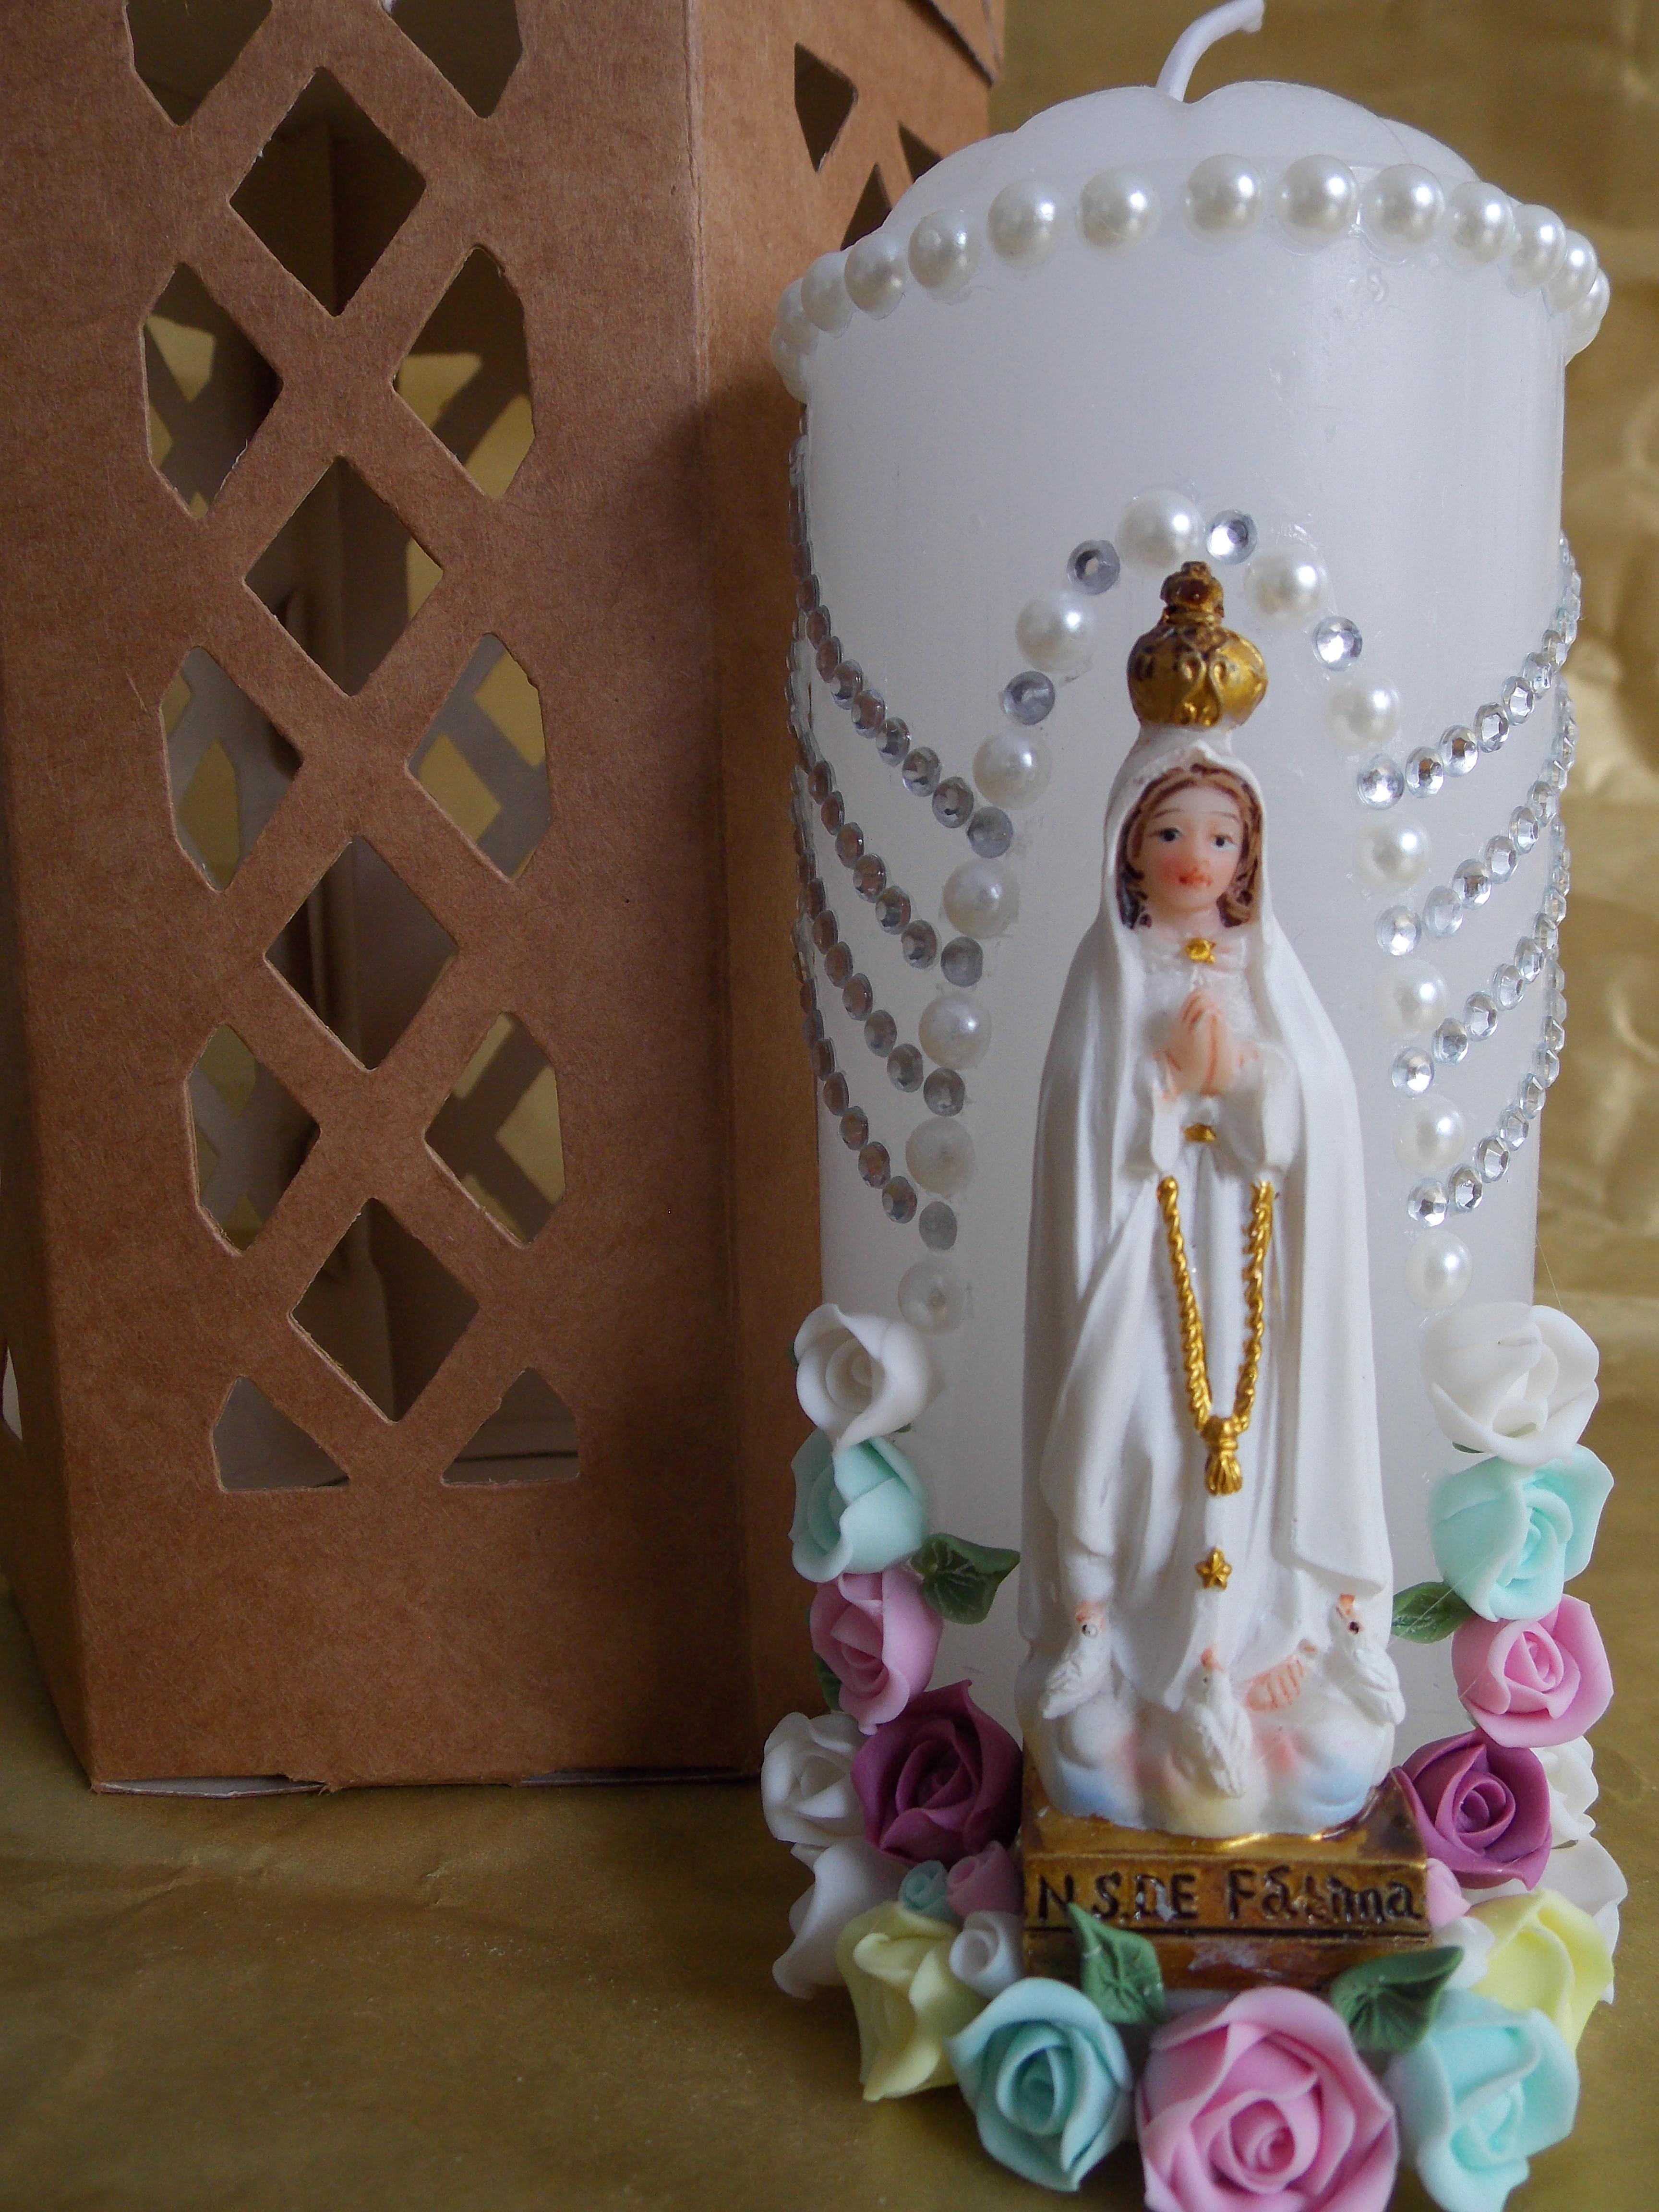 velas decoradas com imagens religiosas monica barros barbosa mota elo